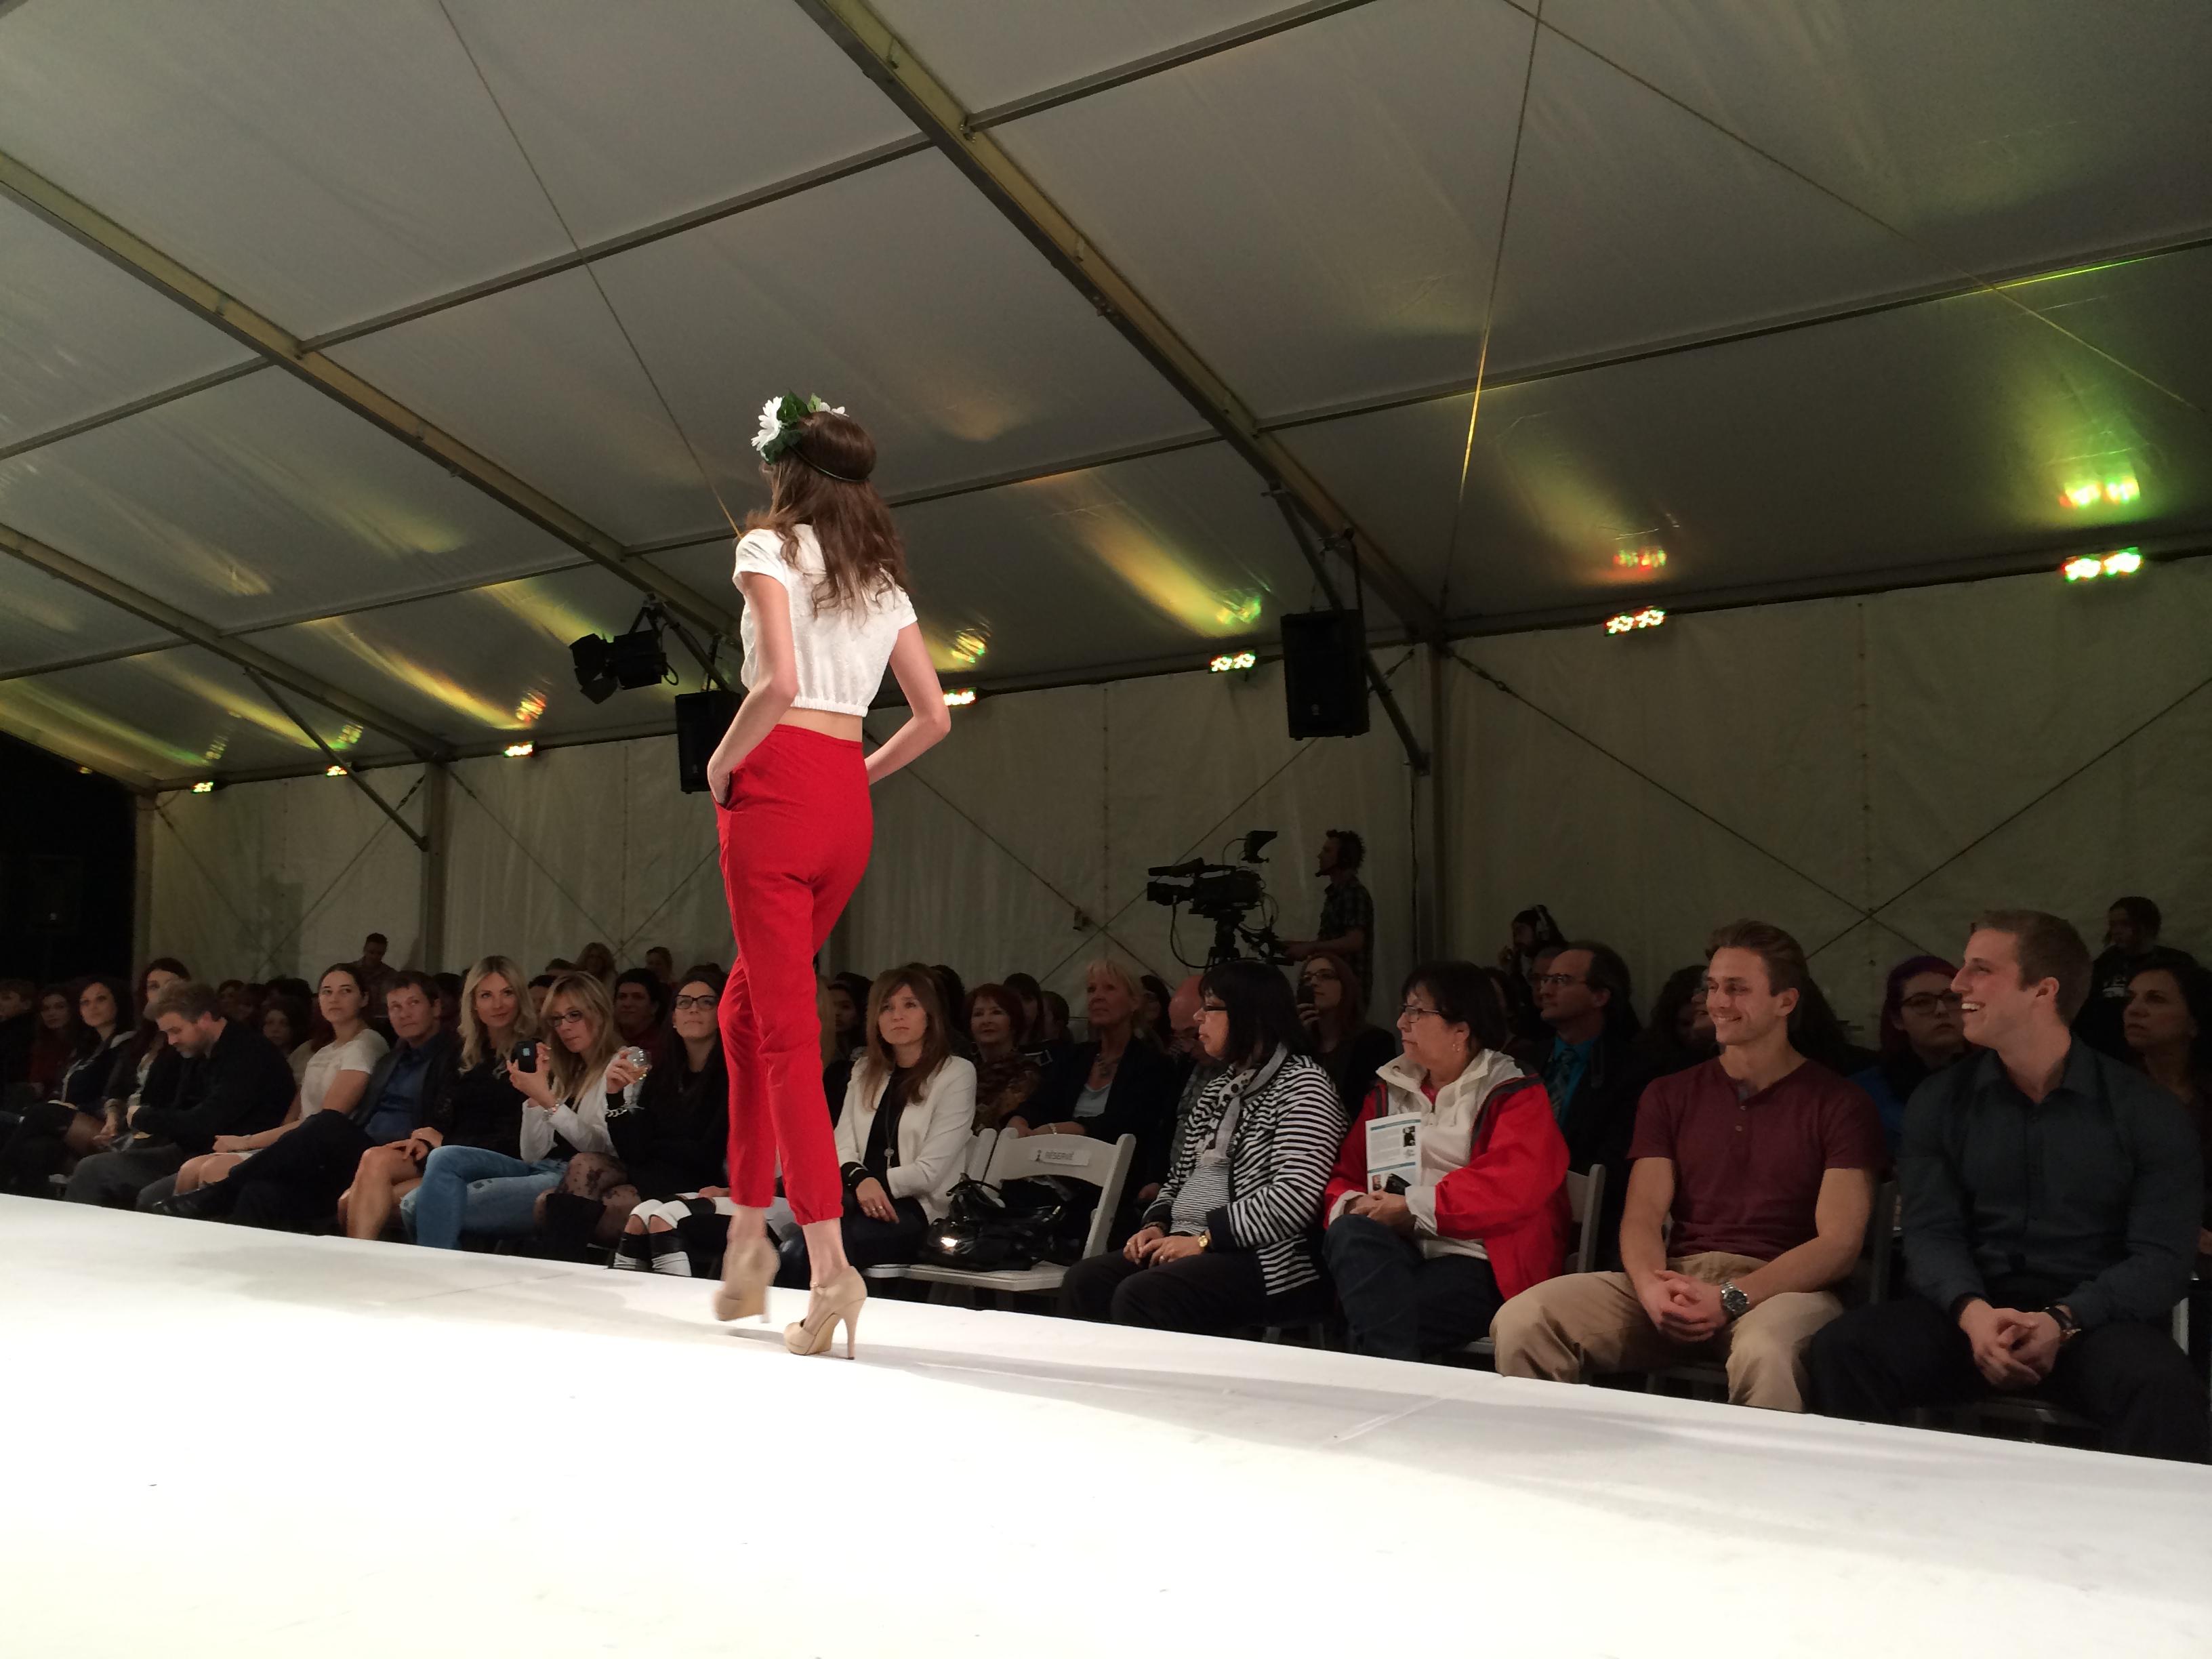 Un retour (en retard) sur le festival Québec mode, et surtout sur les bons coups! #positivité